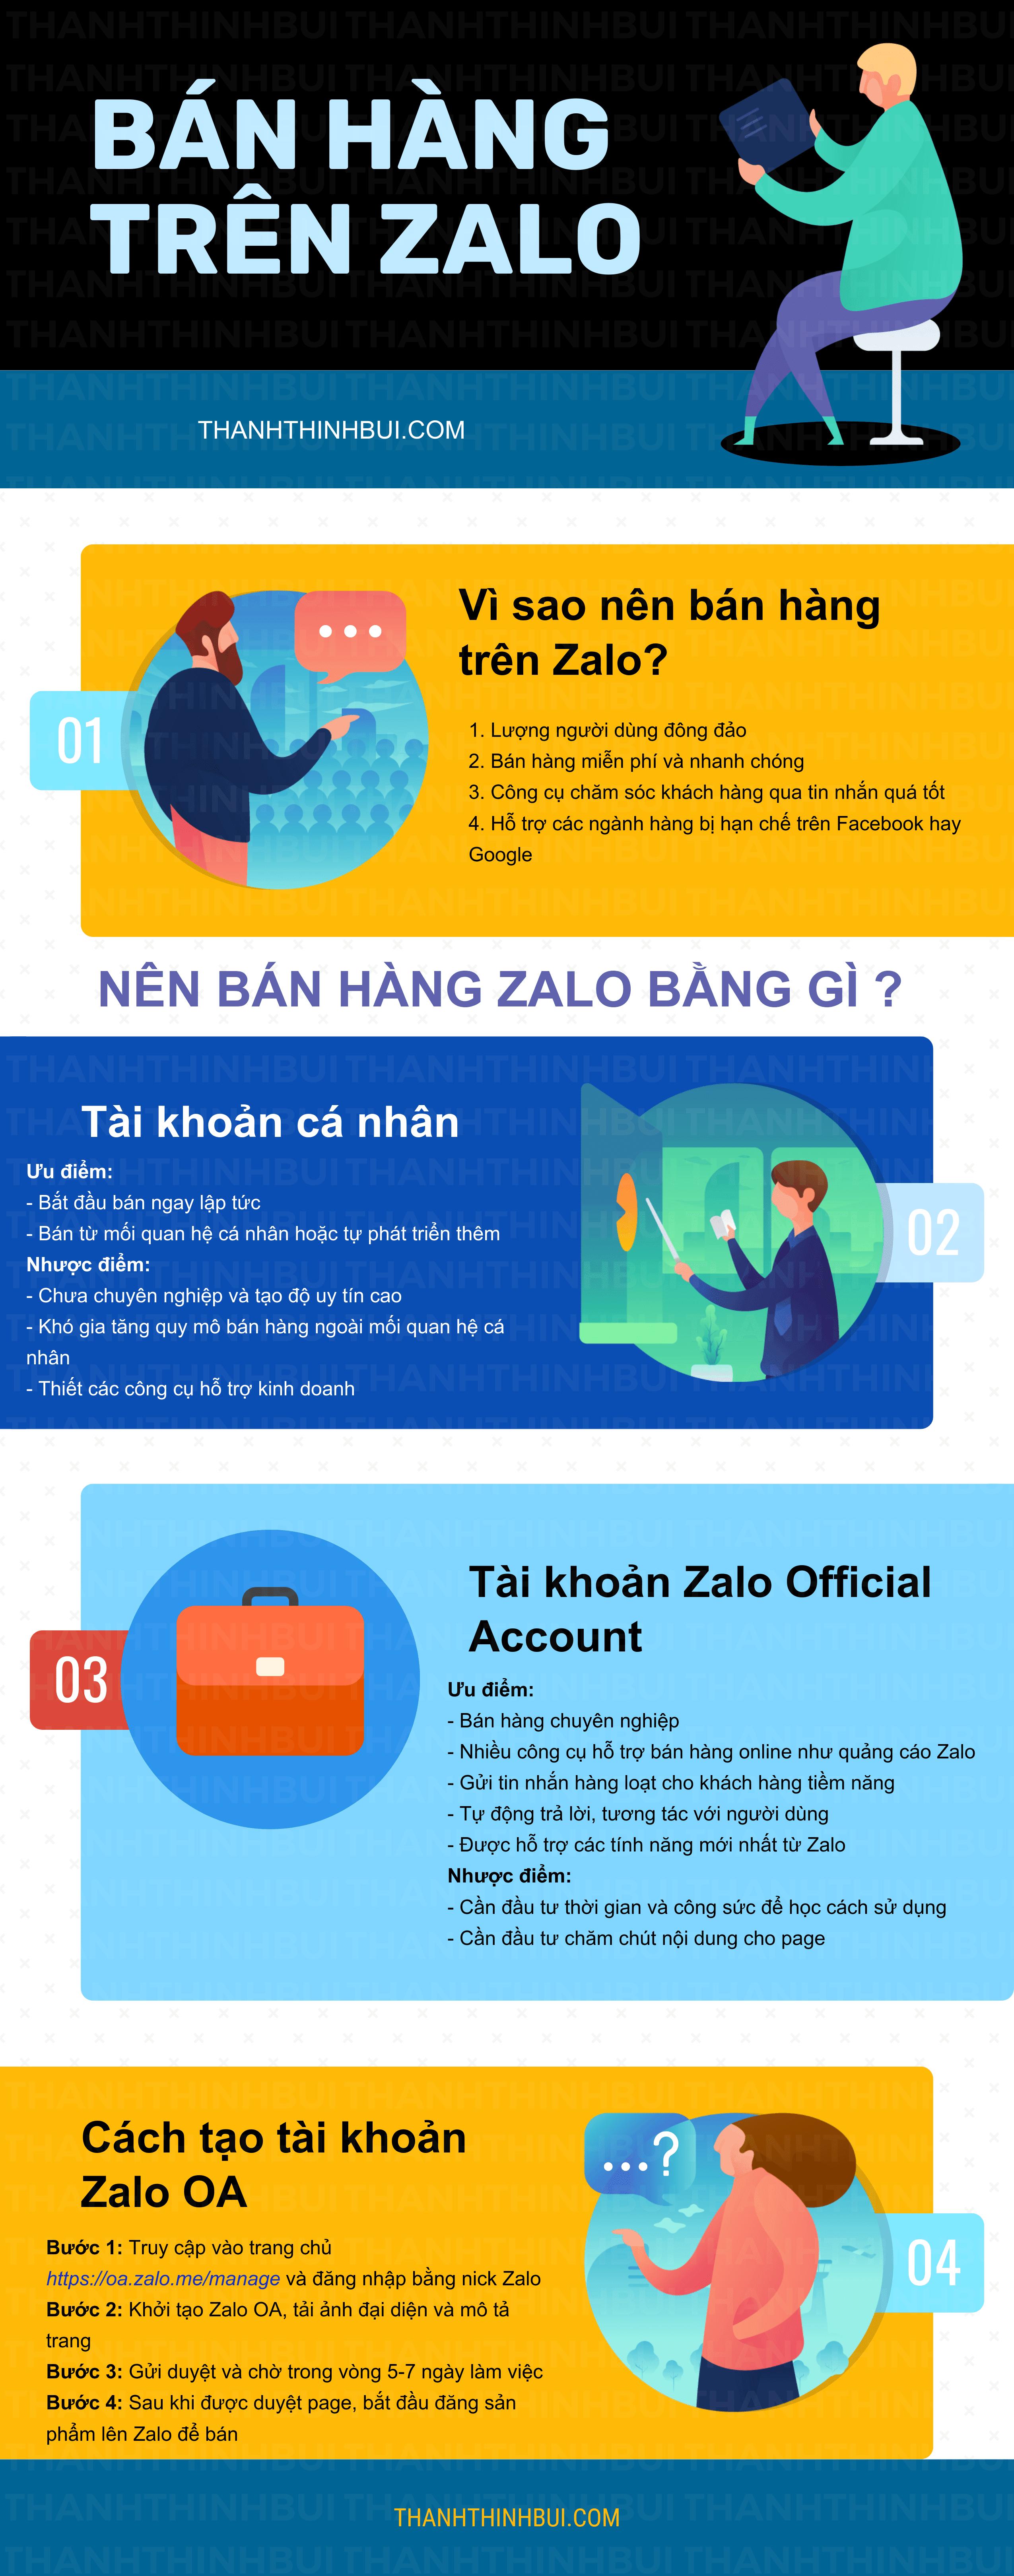 ban-hang-zalo-infographic